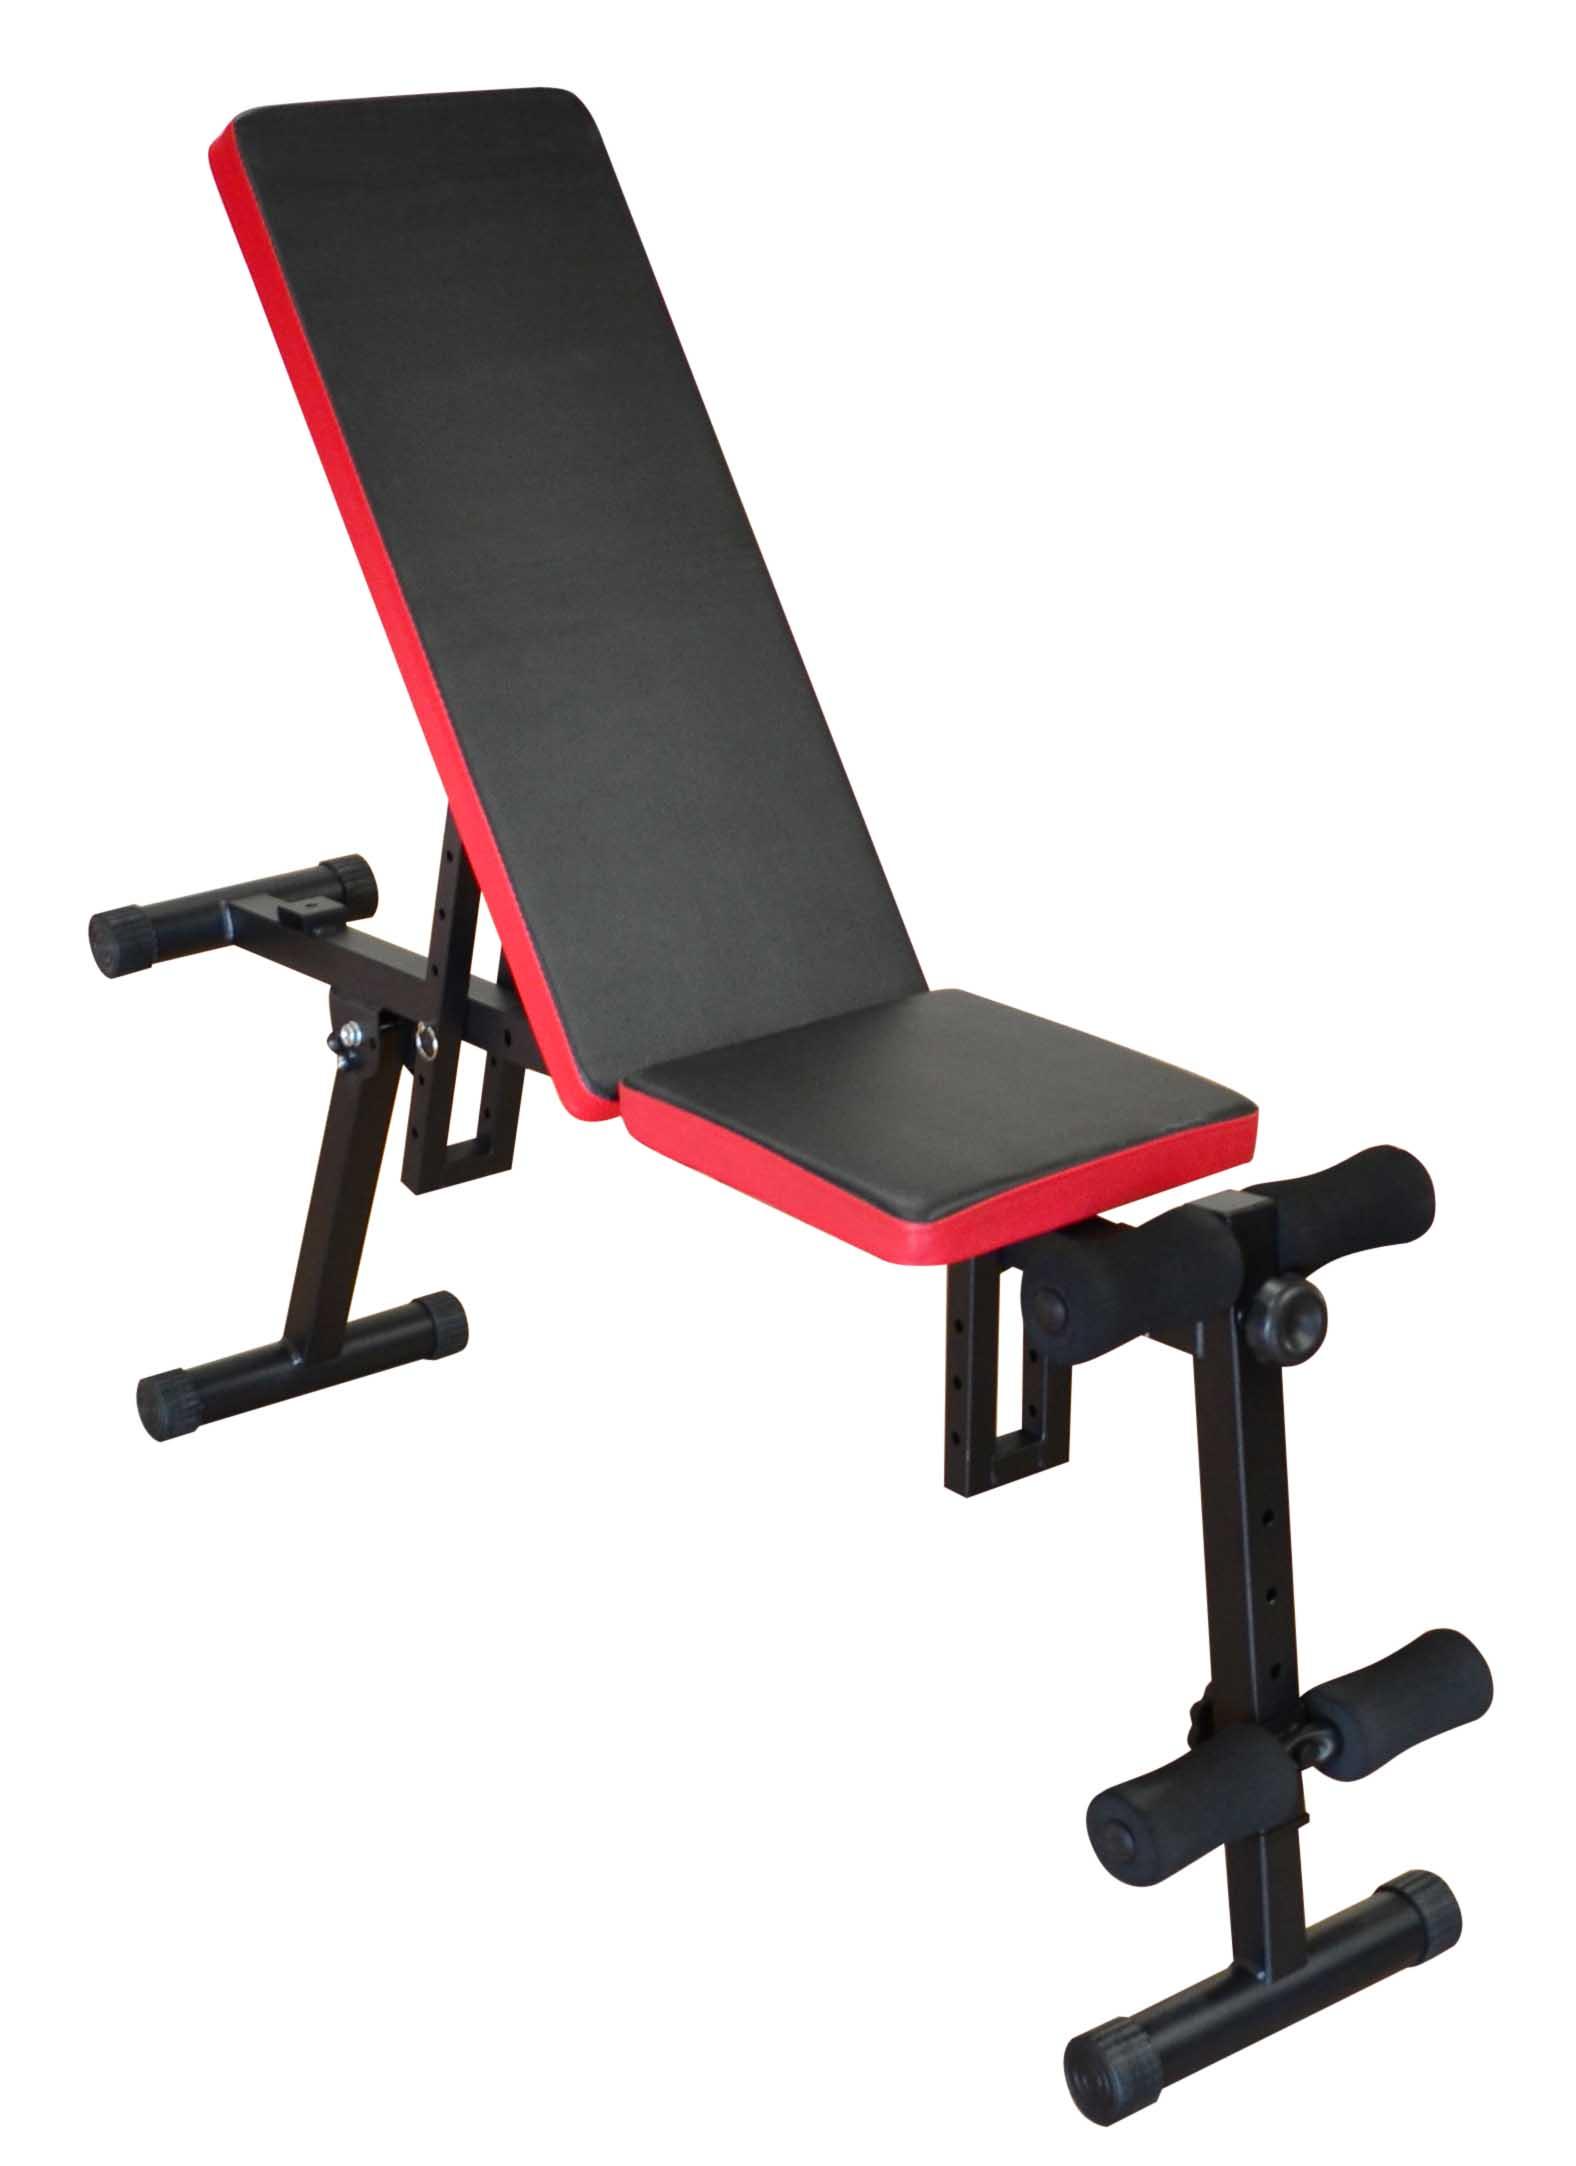 Multifunkční lavice sed-leh-bench plus